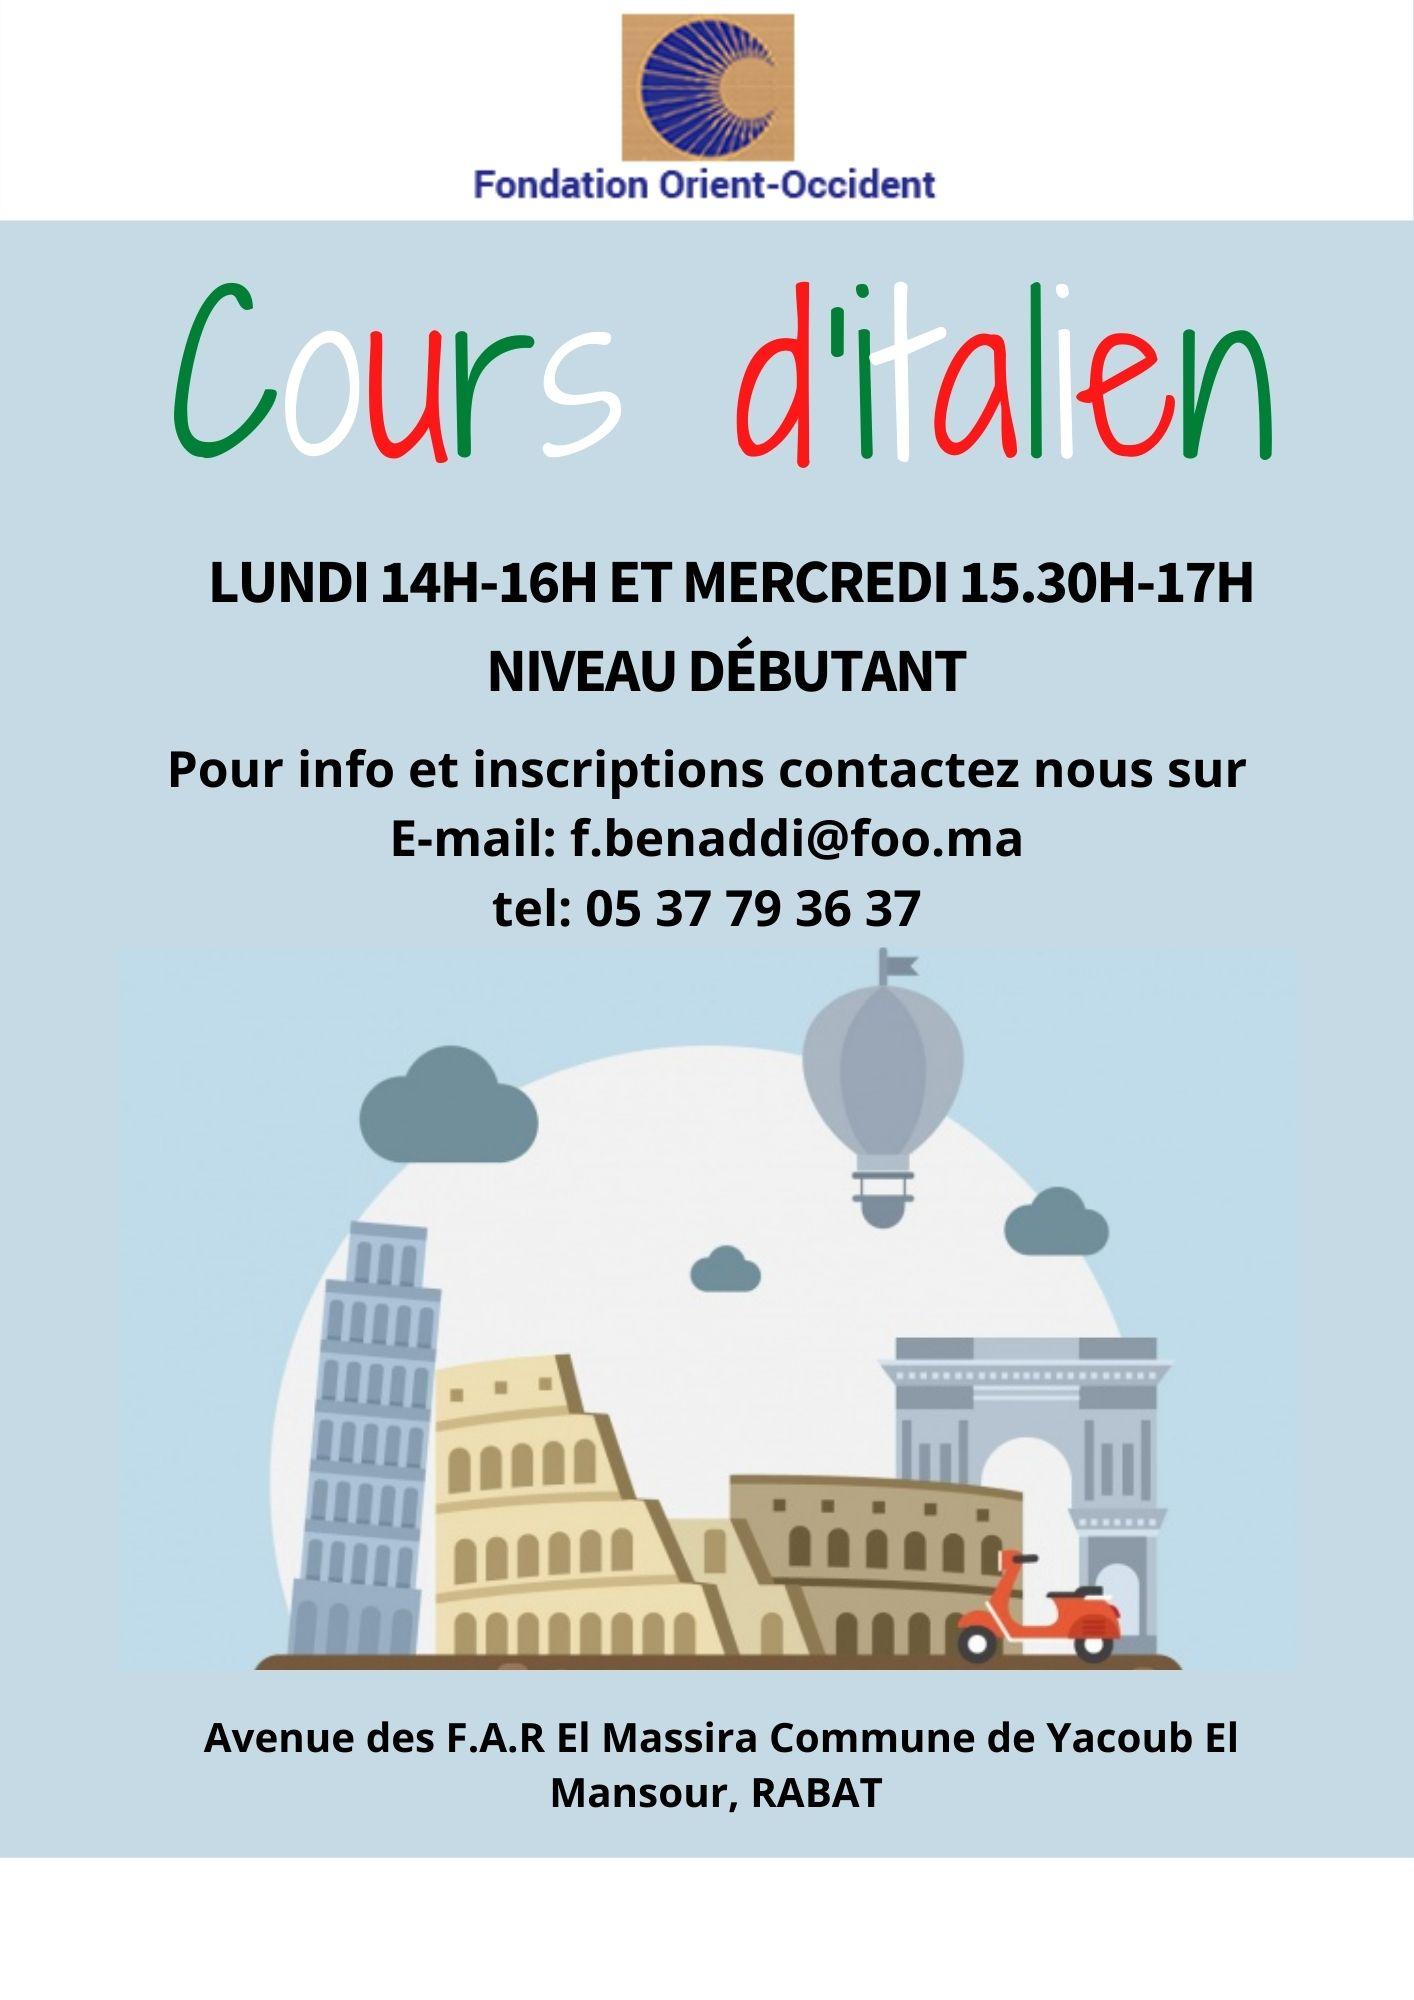 La Fondation Orient-Occident de Rabat organise des cours d'italien